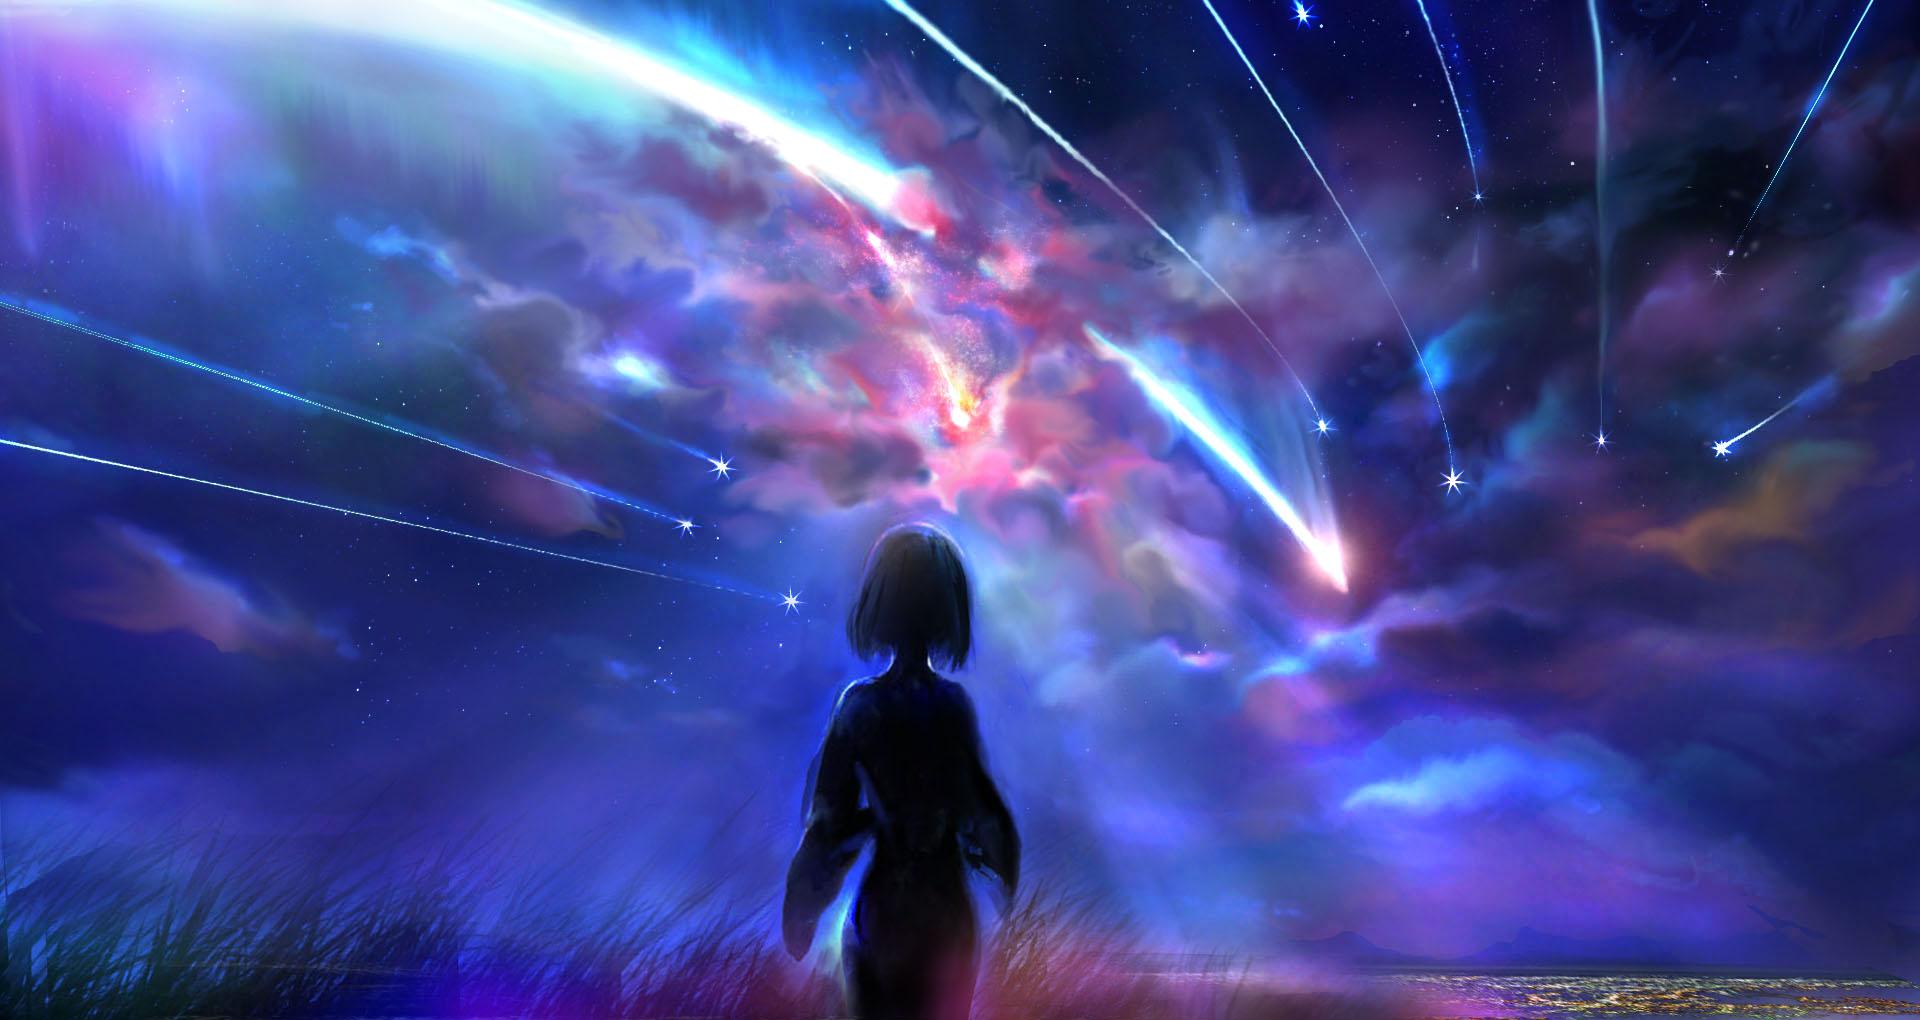 Kimi no na wa fondo de pantalla and fondo de escritorio - Fondos de pantalla para pc 4k anime ...